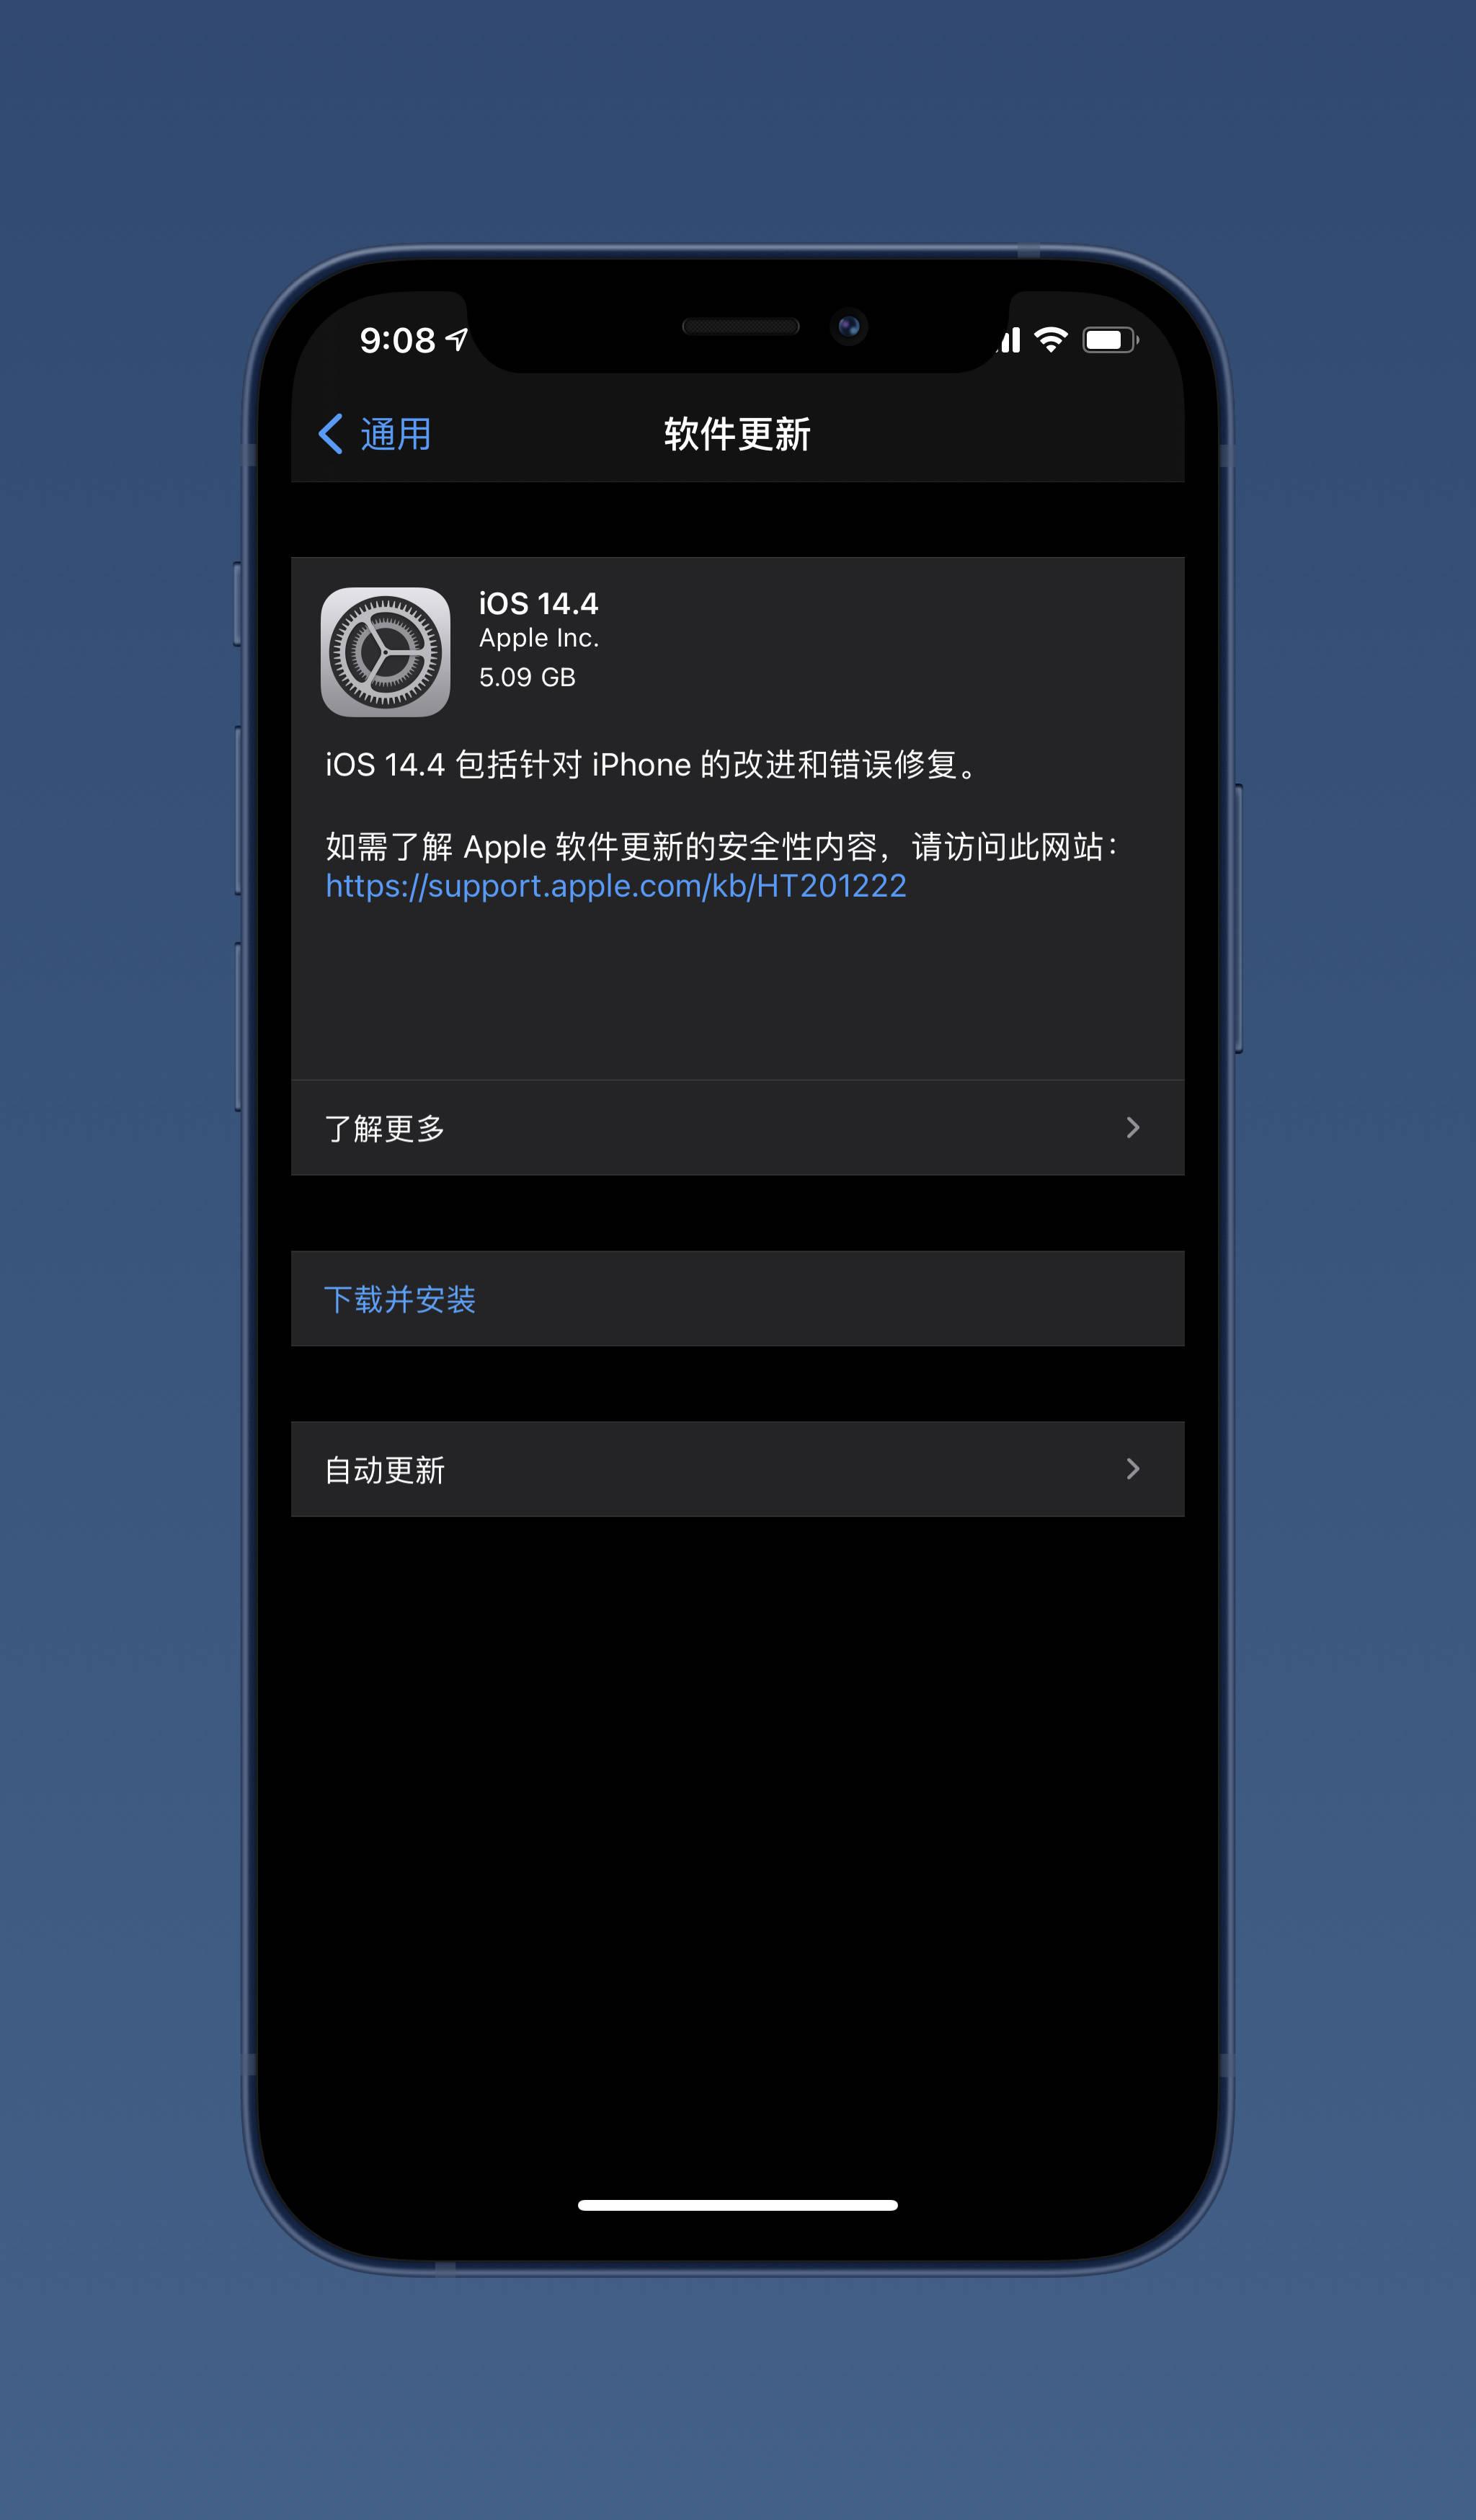 苹果推送 iOS/iPadOS 14.4 候选正式版本